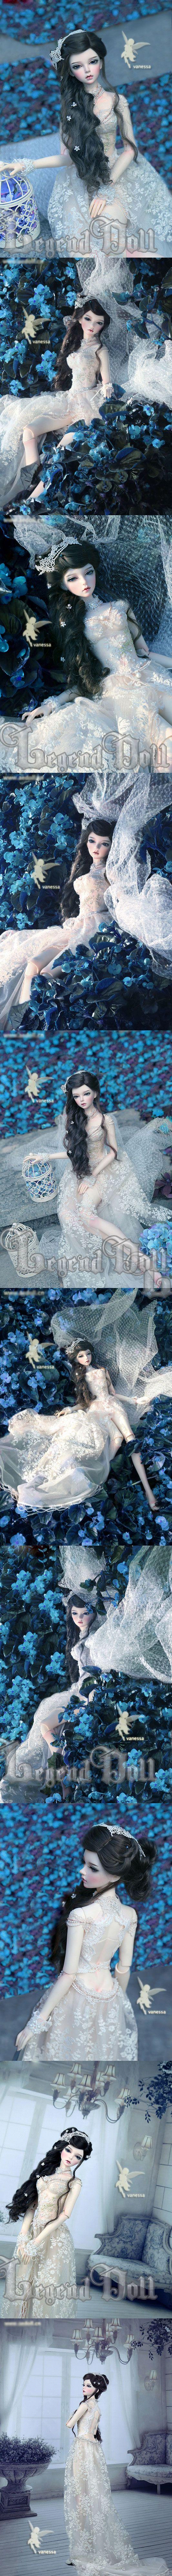 BJD Vanessa 63cm Girl Ball-jointed Doll_58 ~ 65cm doll_ASLEEP EIDOLON_DOLL_Ball Jointed Dolls (BJD) company-Legenddoll